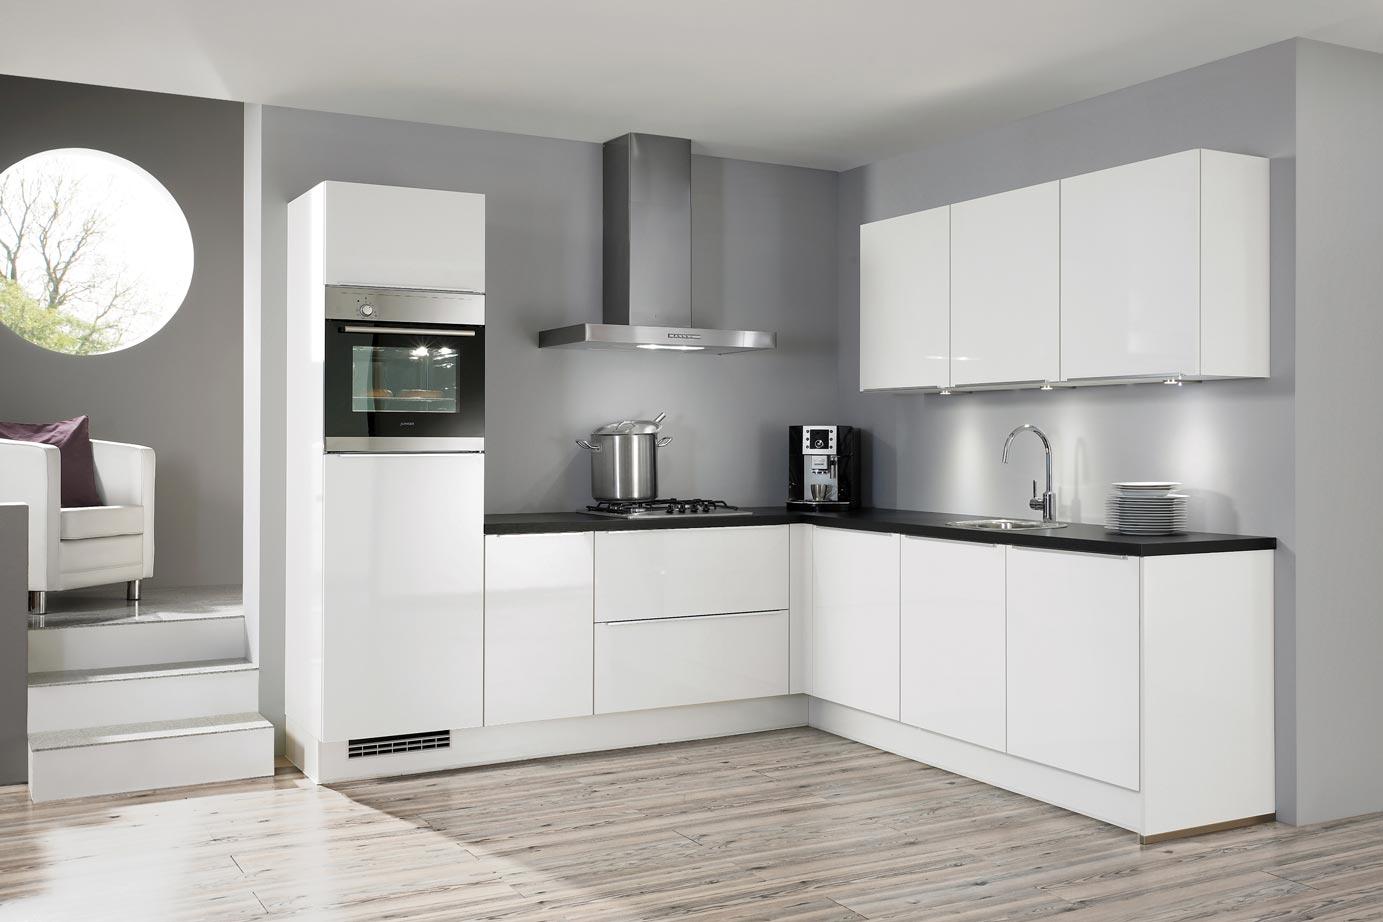 Grijze Keuken Met Zwart Blad : Hoogglans keuken. chique in modern interieur! db keukens